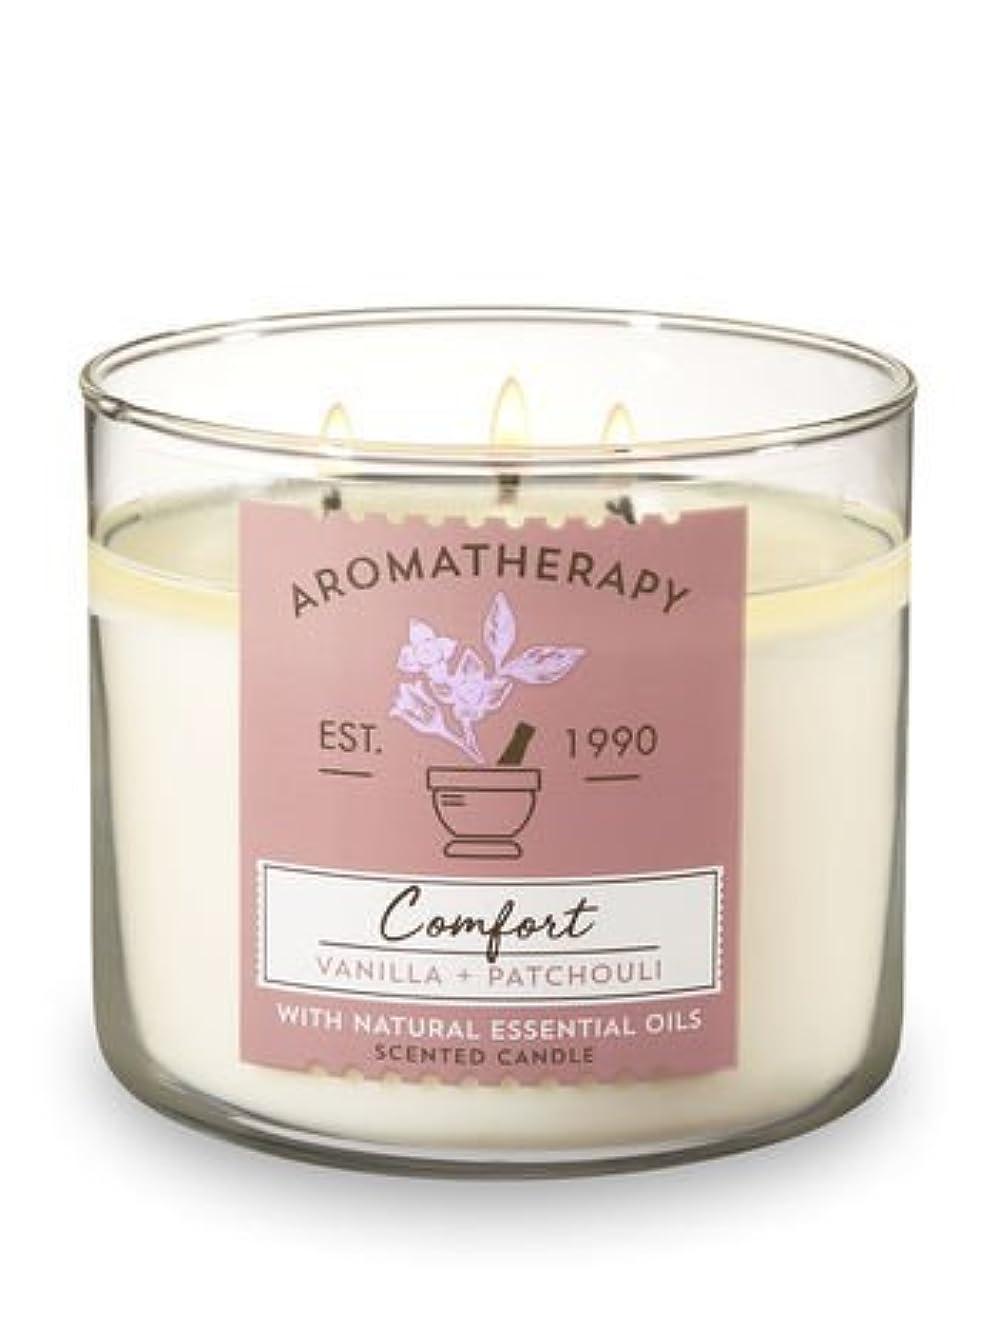 ビヨン湾動脈【Bath&Body Works/バス&ボディワークス】 アロマキャンドル アロマセラピー コンフォート バニラパチョリ Aromatherapy 3-Wick Scented Candle Comfort Vanill...